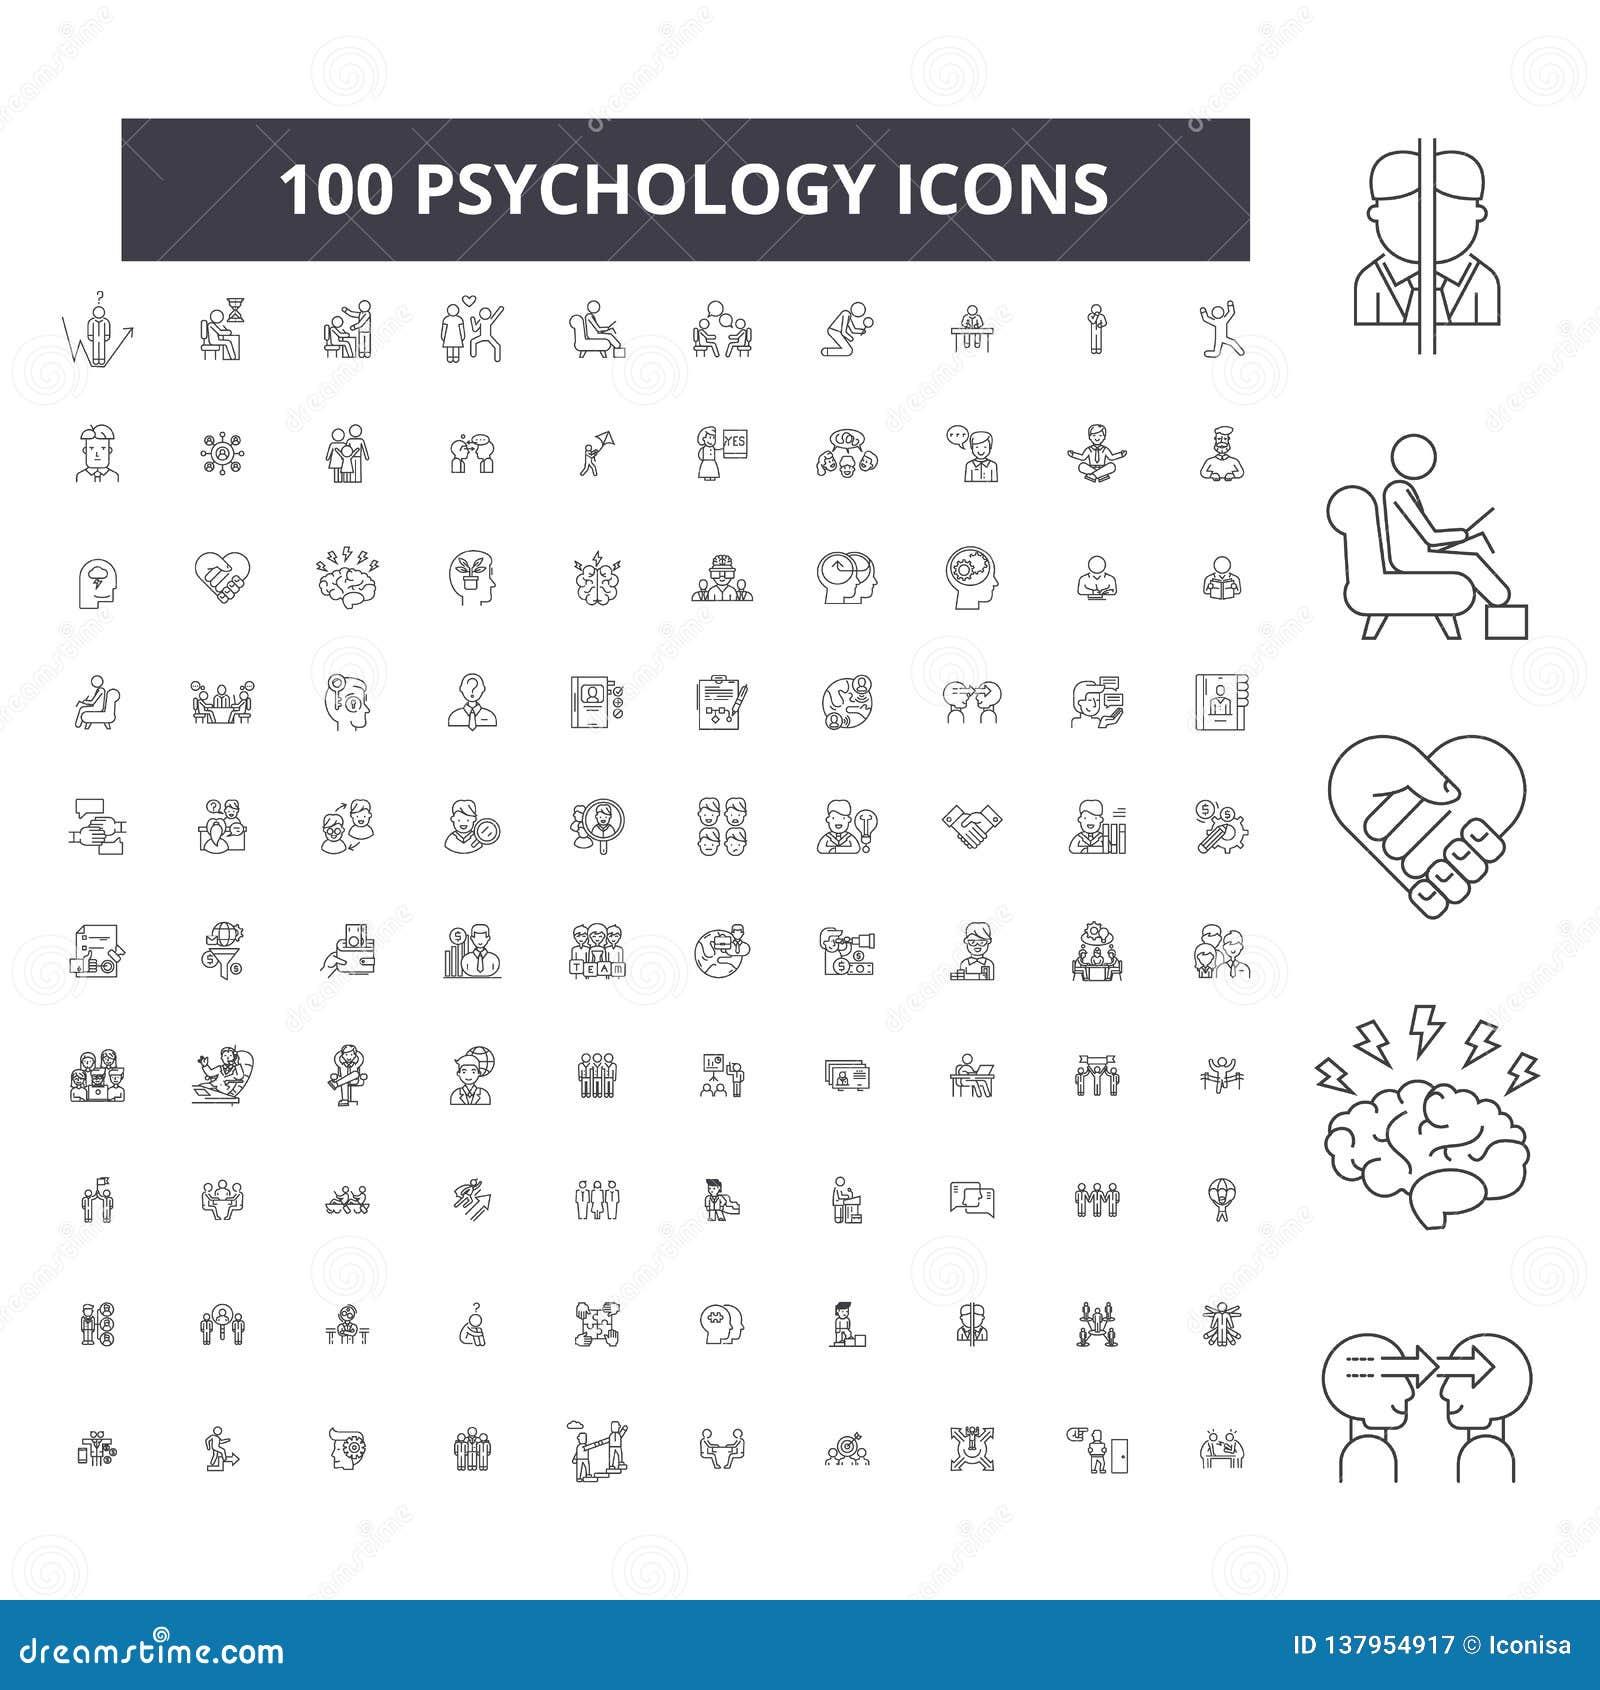 Psychologii editable kreskowe ikony, 100 wektorów set, kolekcja Psychologii czerni konturu ilustracje, znaki, symbole